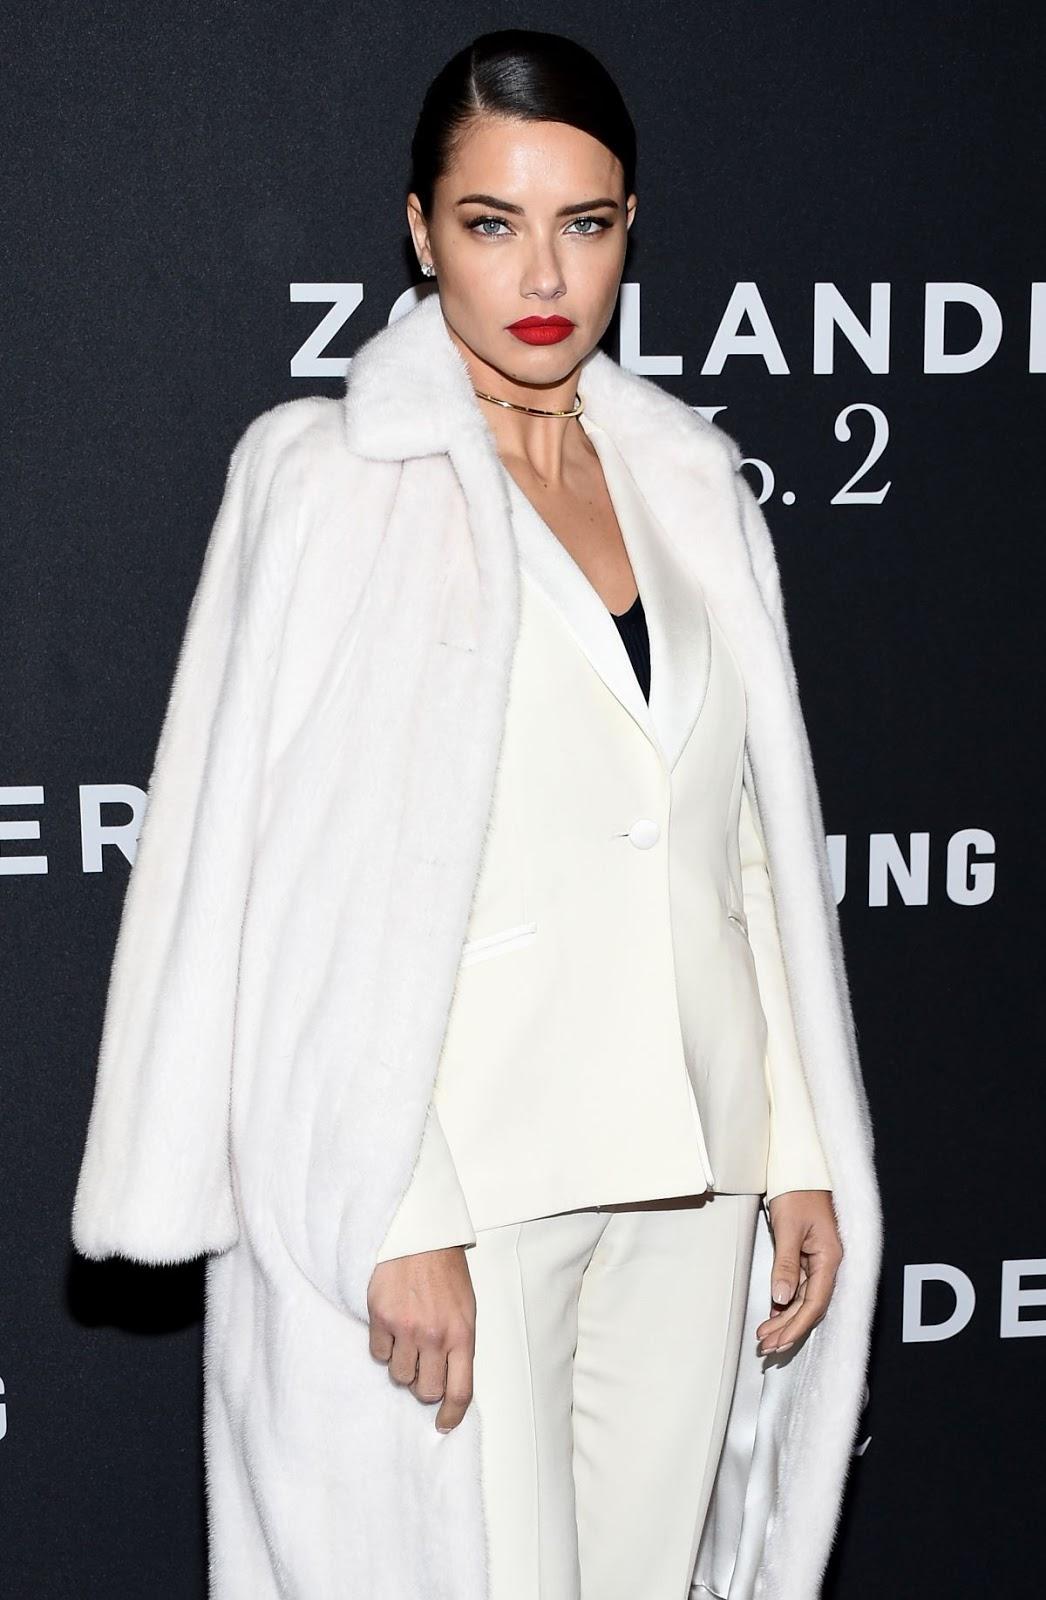 Brazilian Victoria's Secret Fashion Show Model Adriana Lima at Zoolander 2 New York Premiere